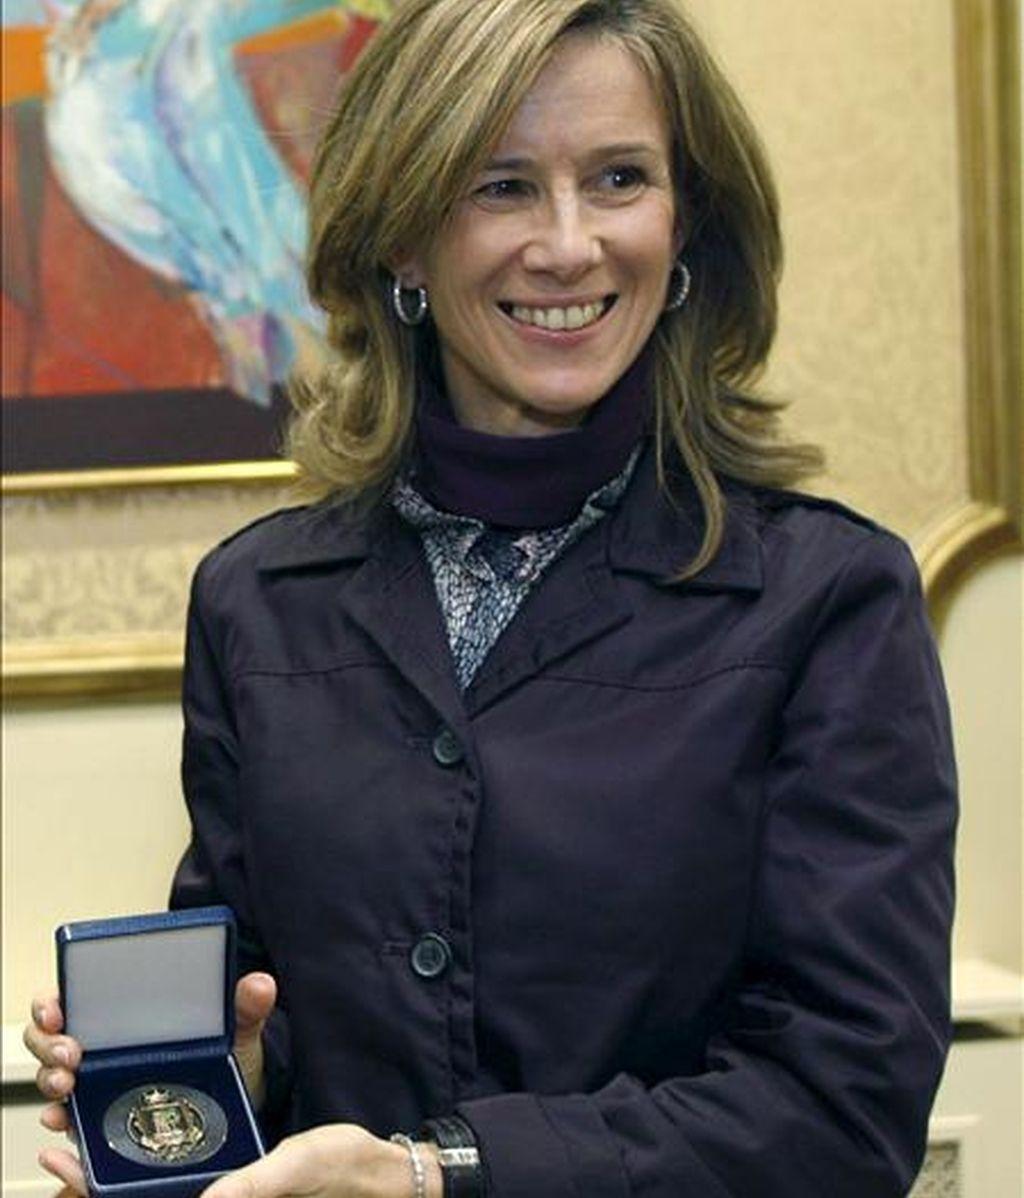 La ministra de Ciencia y e Innovación, Cristina Garmendia, muestra la medalla de la ciudad de Vigo que recibió el lunes  de manos de alcalde, Abel Caballero. EFE